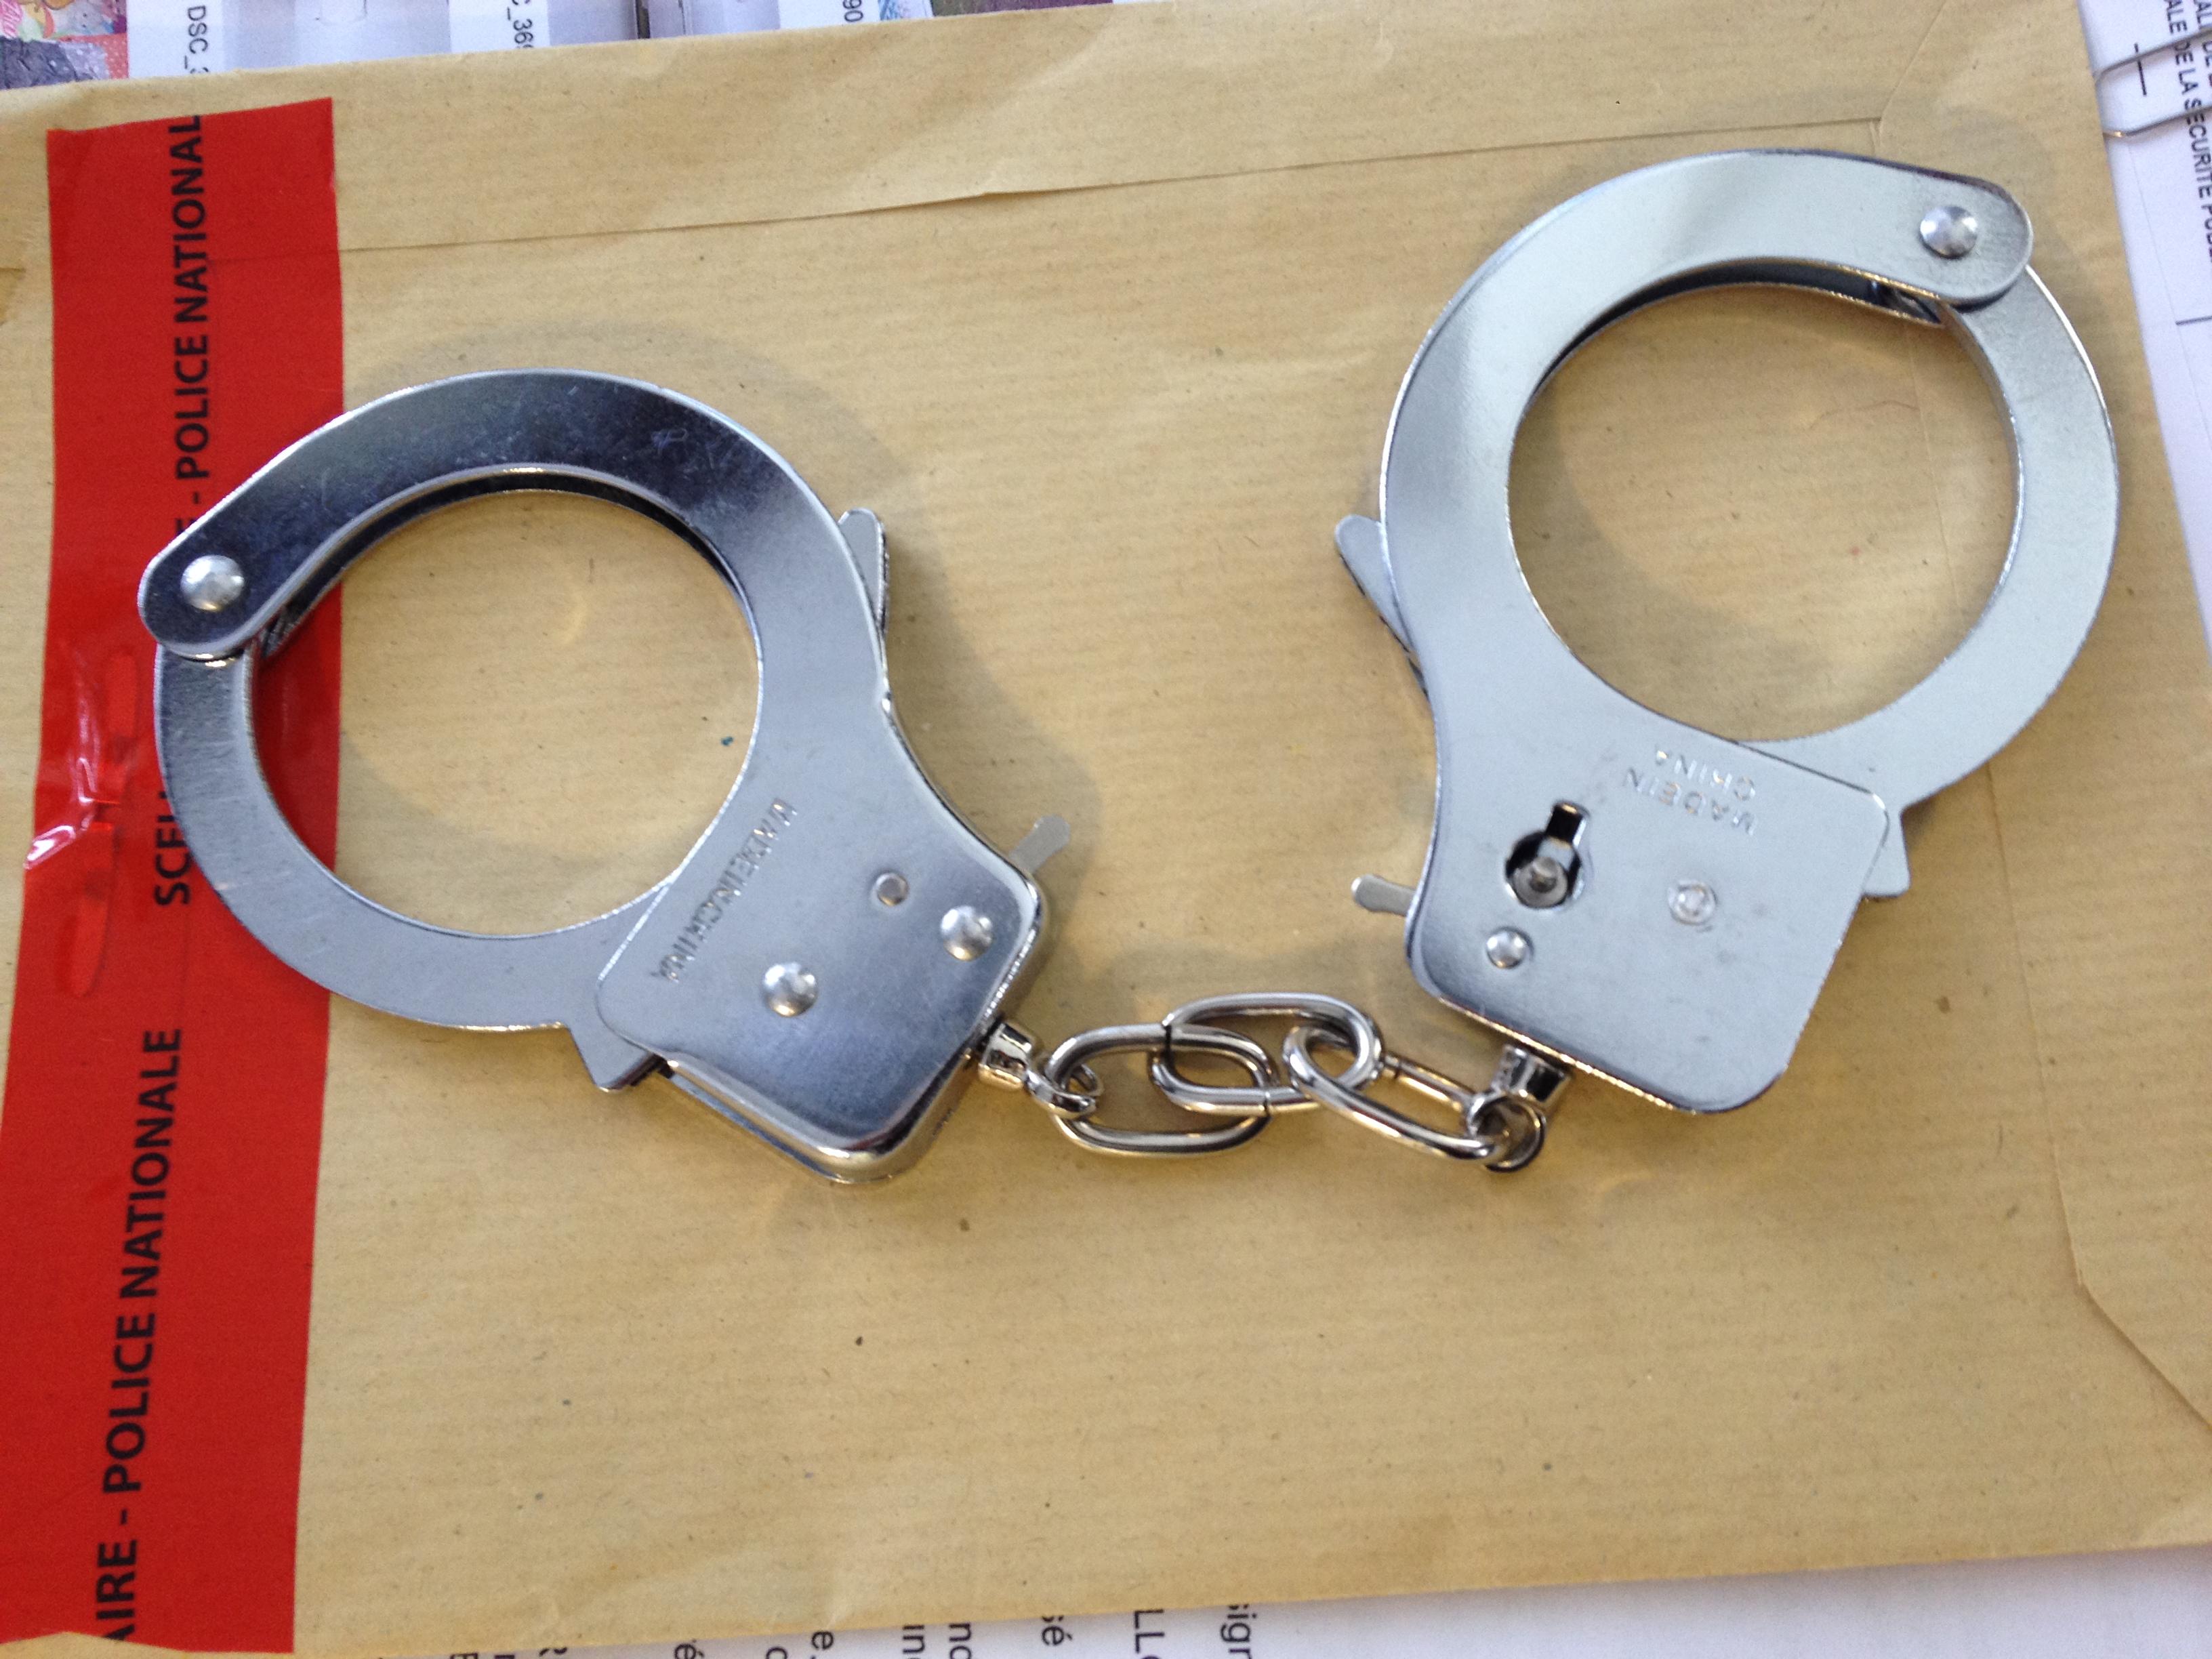 La jeune prostituée s'est retrouvée face à l'arme d'un client qui l'a menottée et bâillonnée ! (Photo d'illustration).